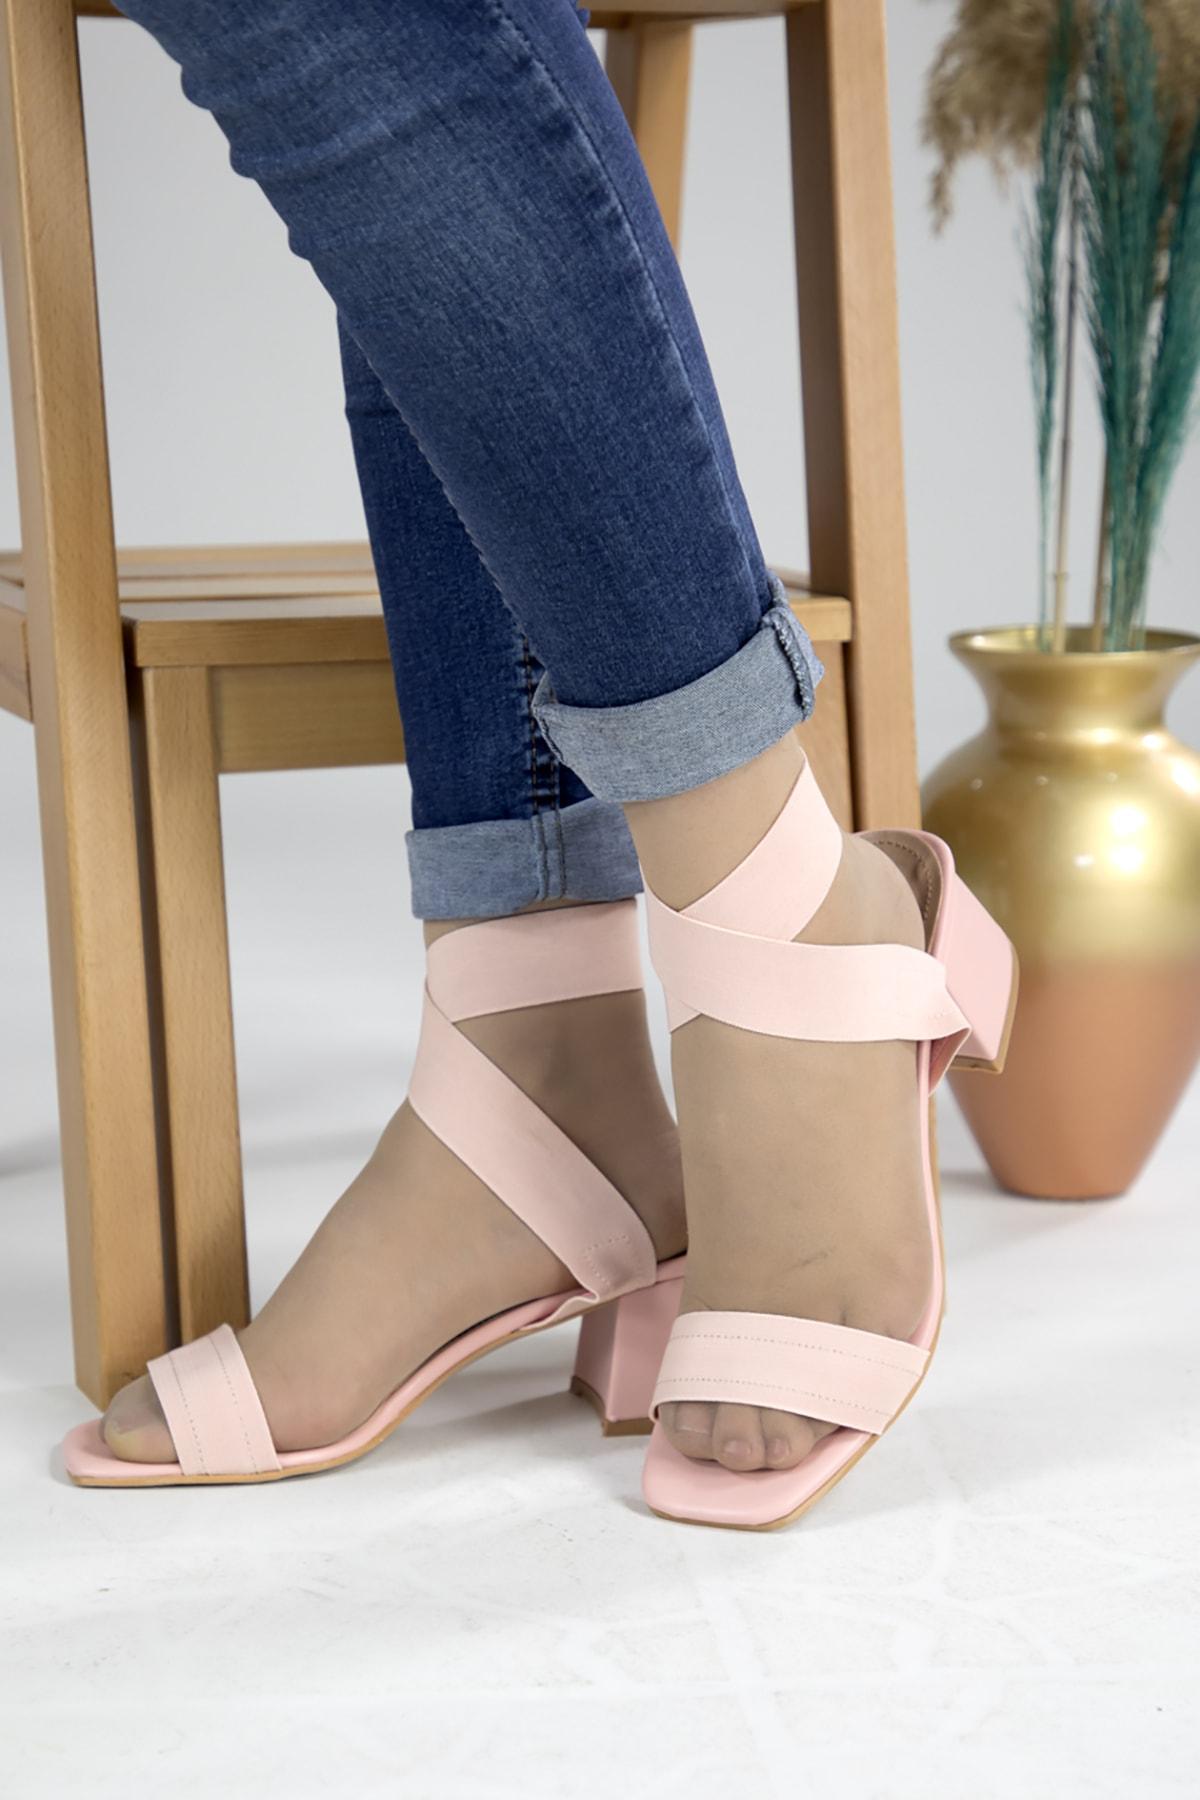 Oioi Kadın Topuklu Ayakkabı 1003-119-0004 1